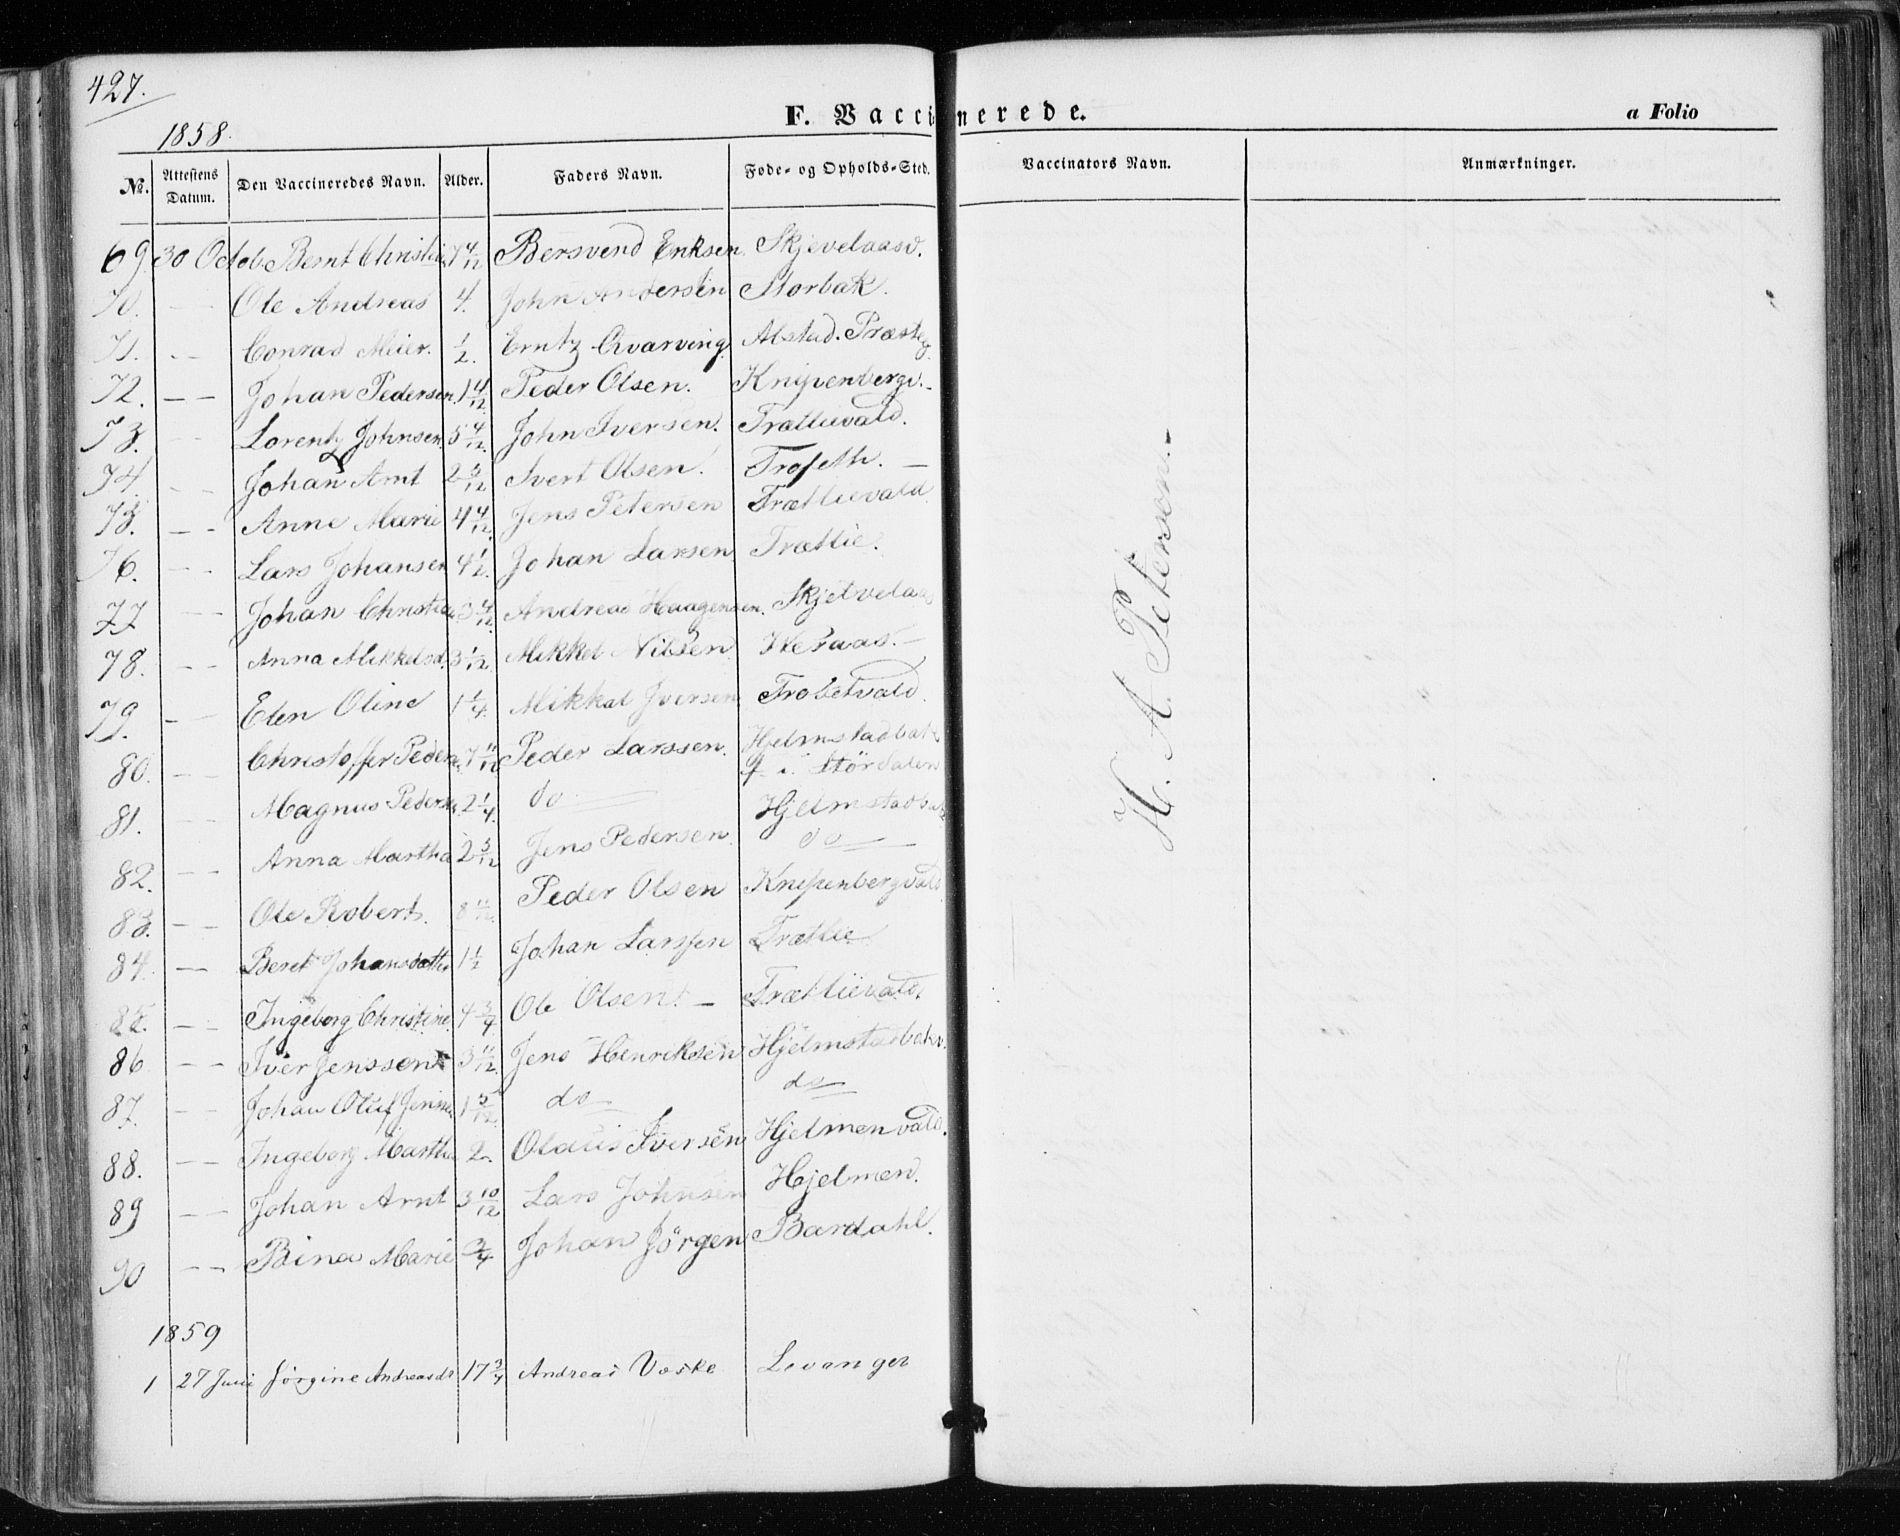 SAT, Ministerialprotokoller, klokkerbøker og fødselsregistre - Nord-Trøndelag, 717/L0154: Ministerialbok nr. 717A07 /1, 1850-1862, s. 427